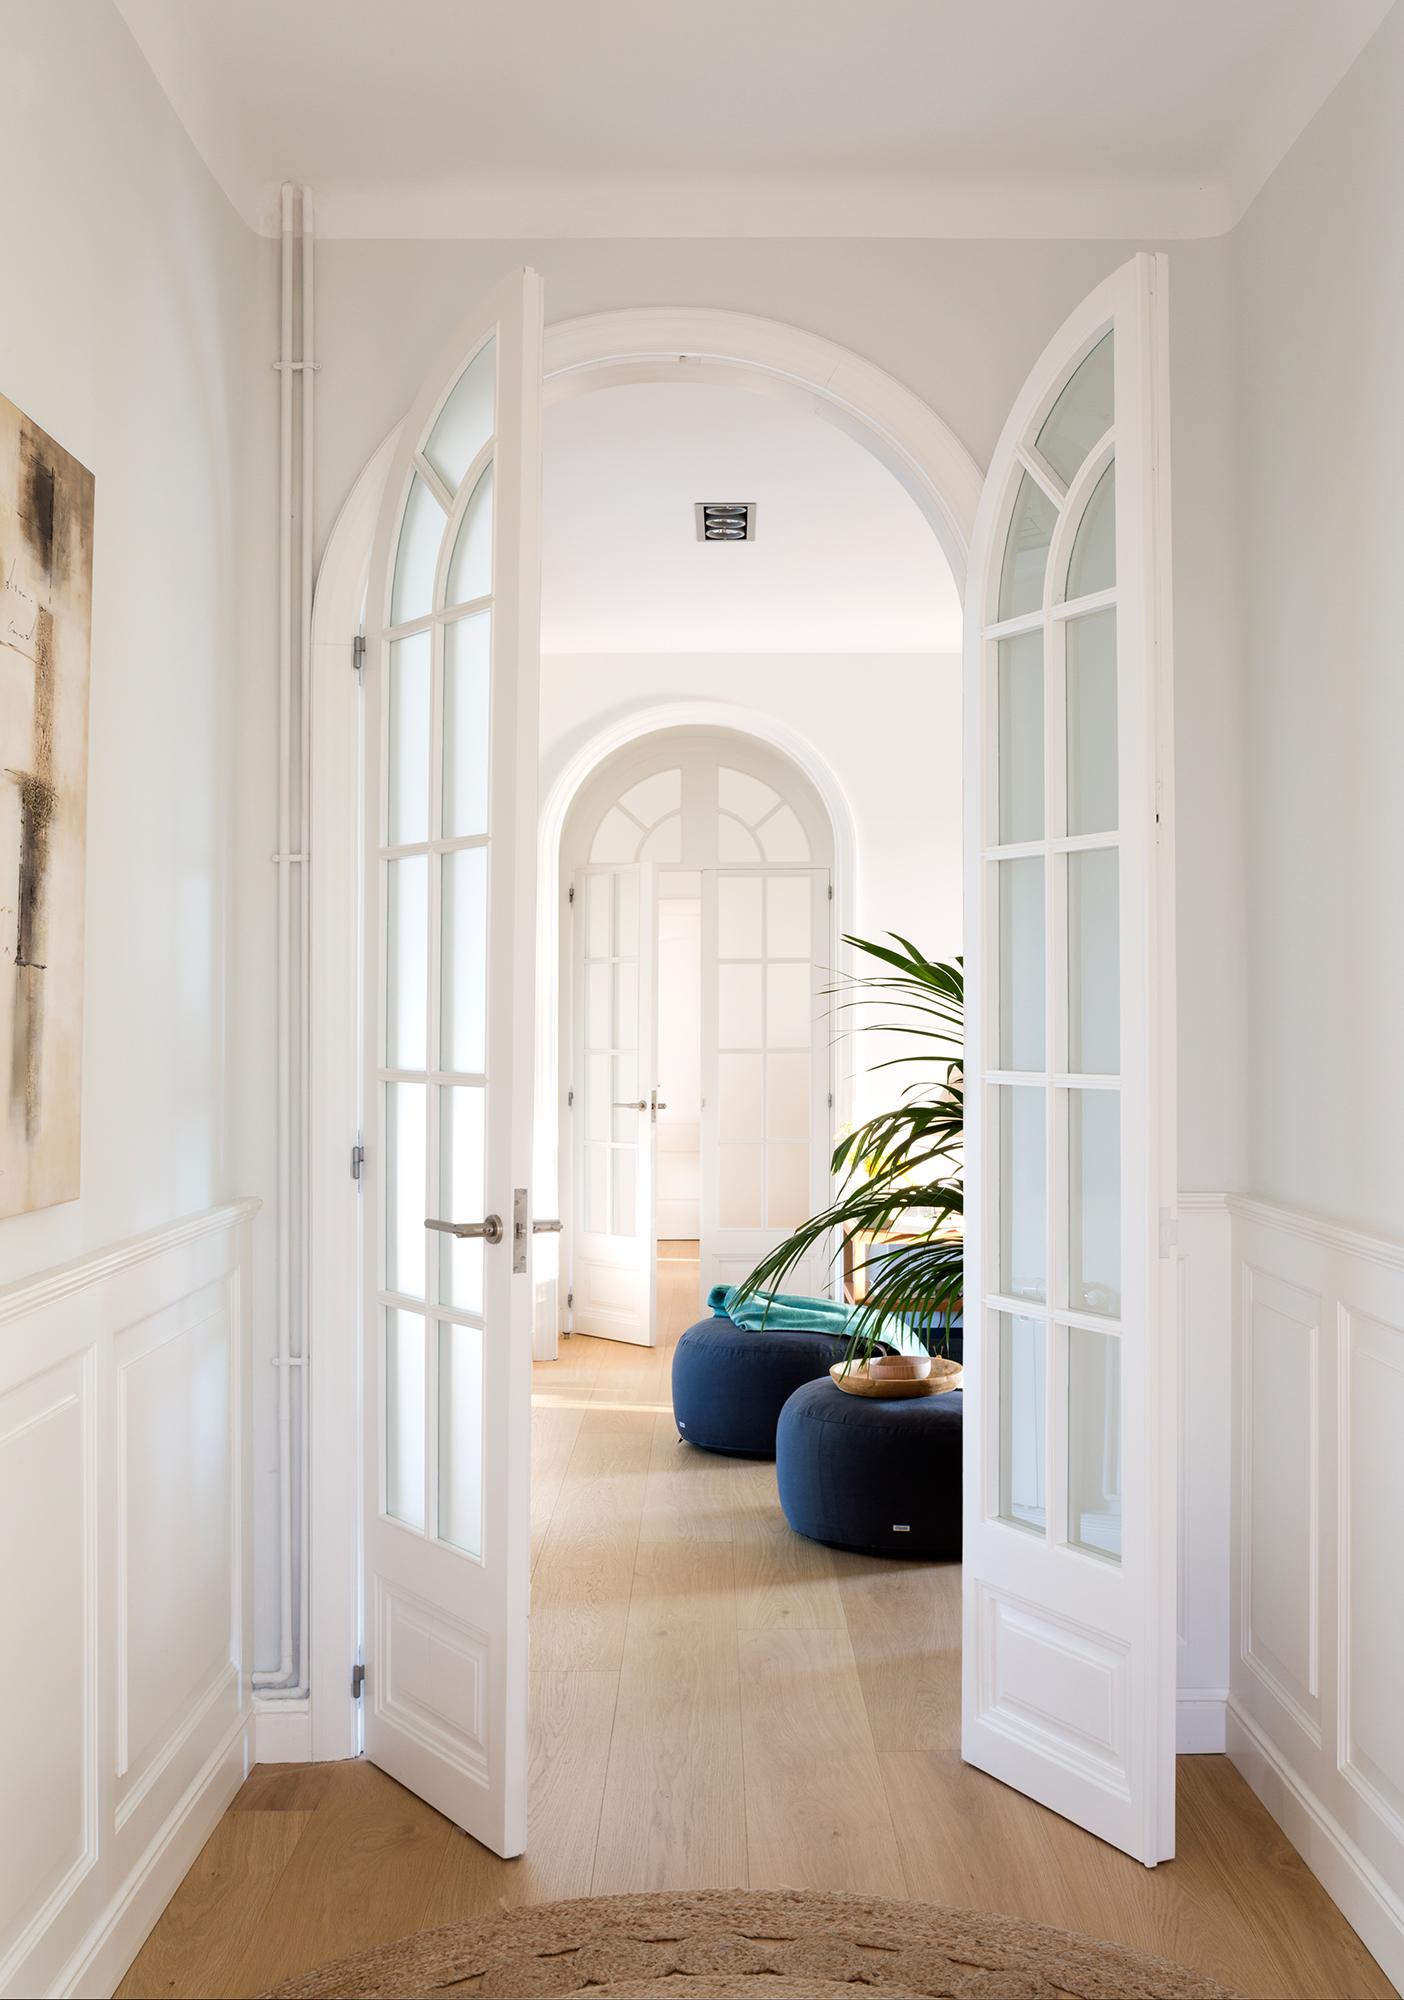 74 fotos de puertas de cristal - Puertas acristaladas exterior ...